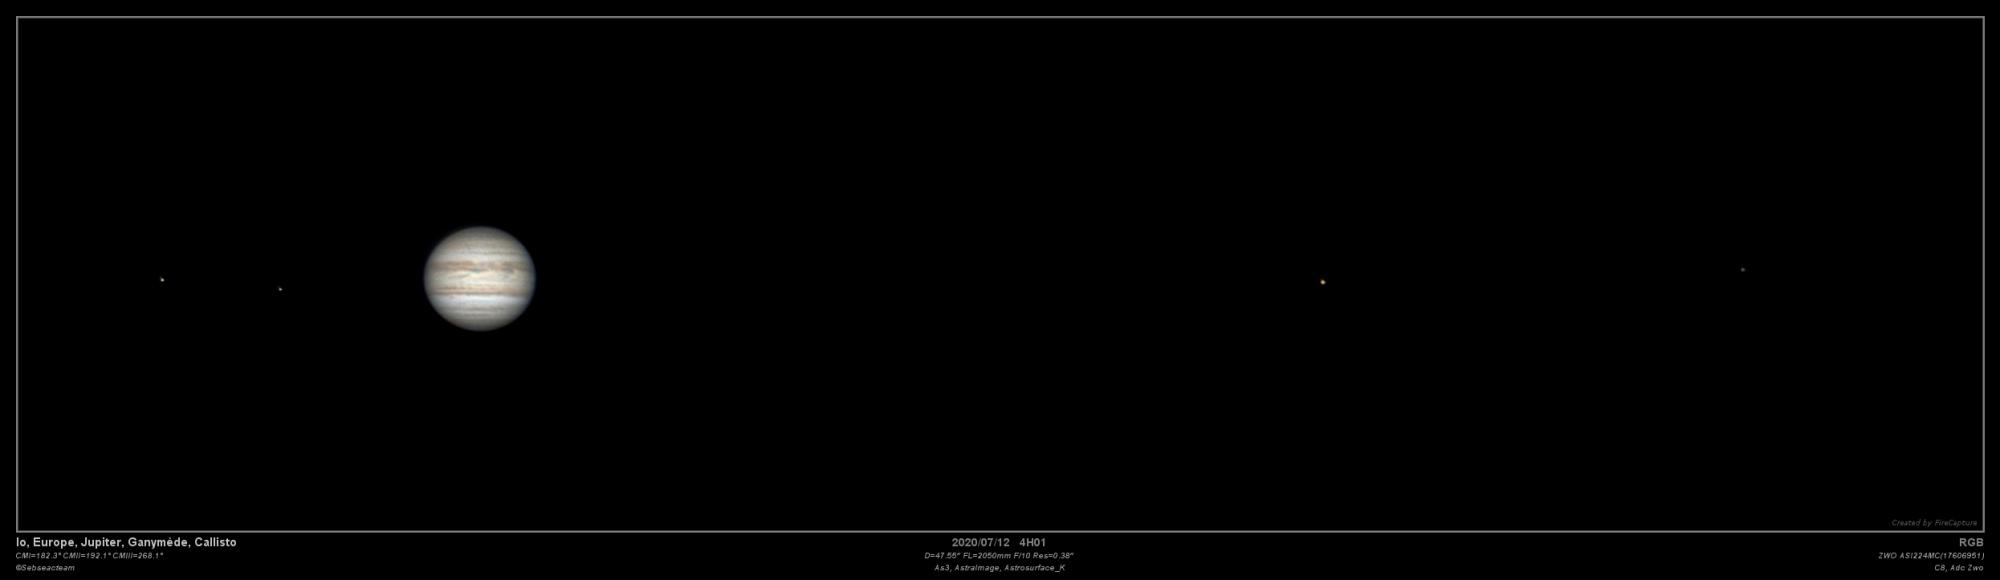 5f11376e6f5a3_Jupitersatellites_web.thumb.jpg.3d4e8bcb9fc10b8243ad9347dea9f904.jpg